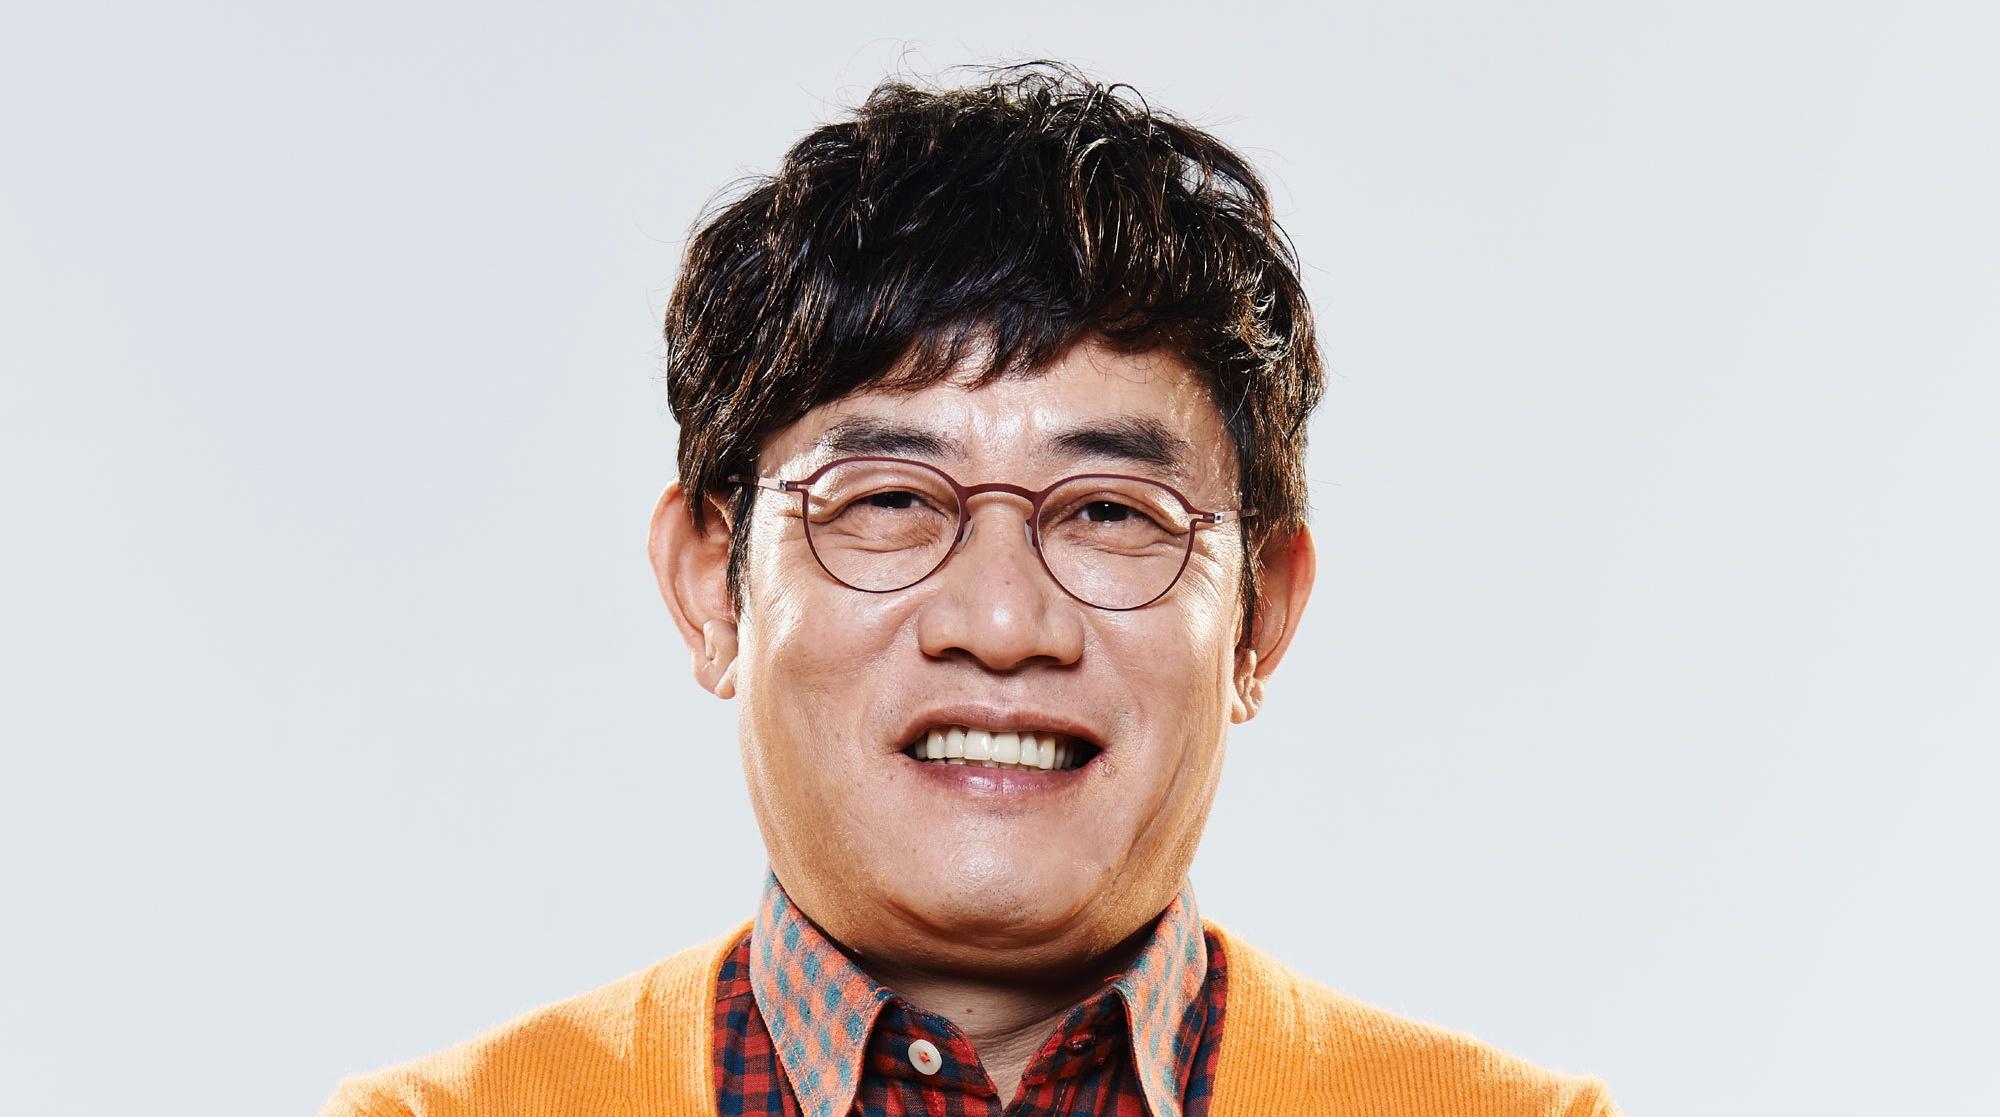 Lee Kyung Kyu